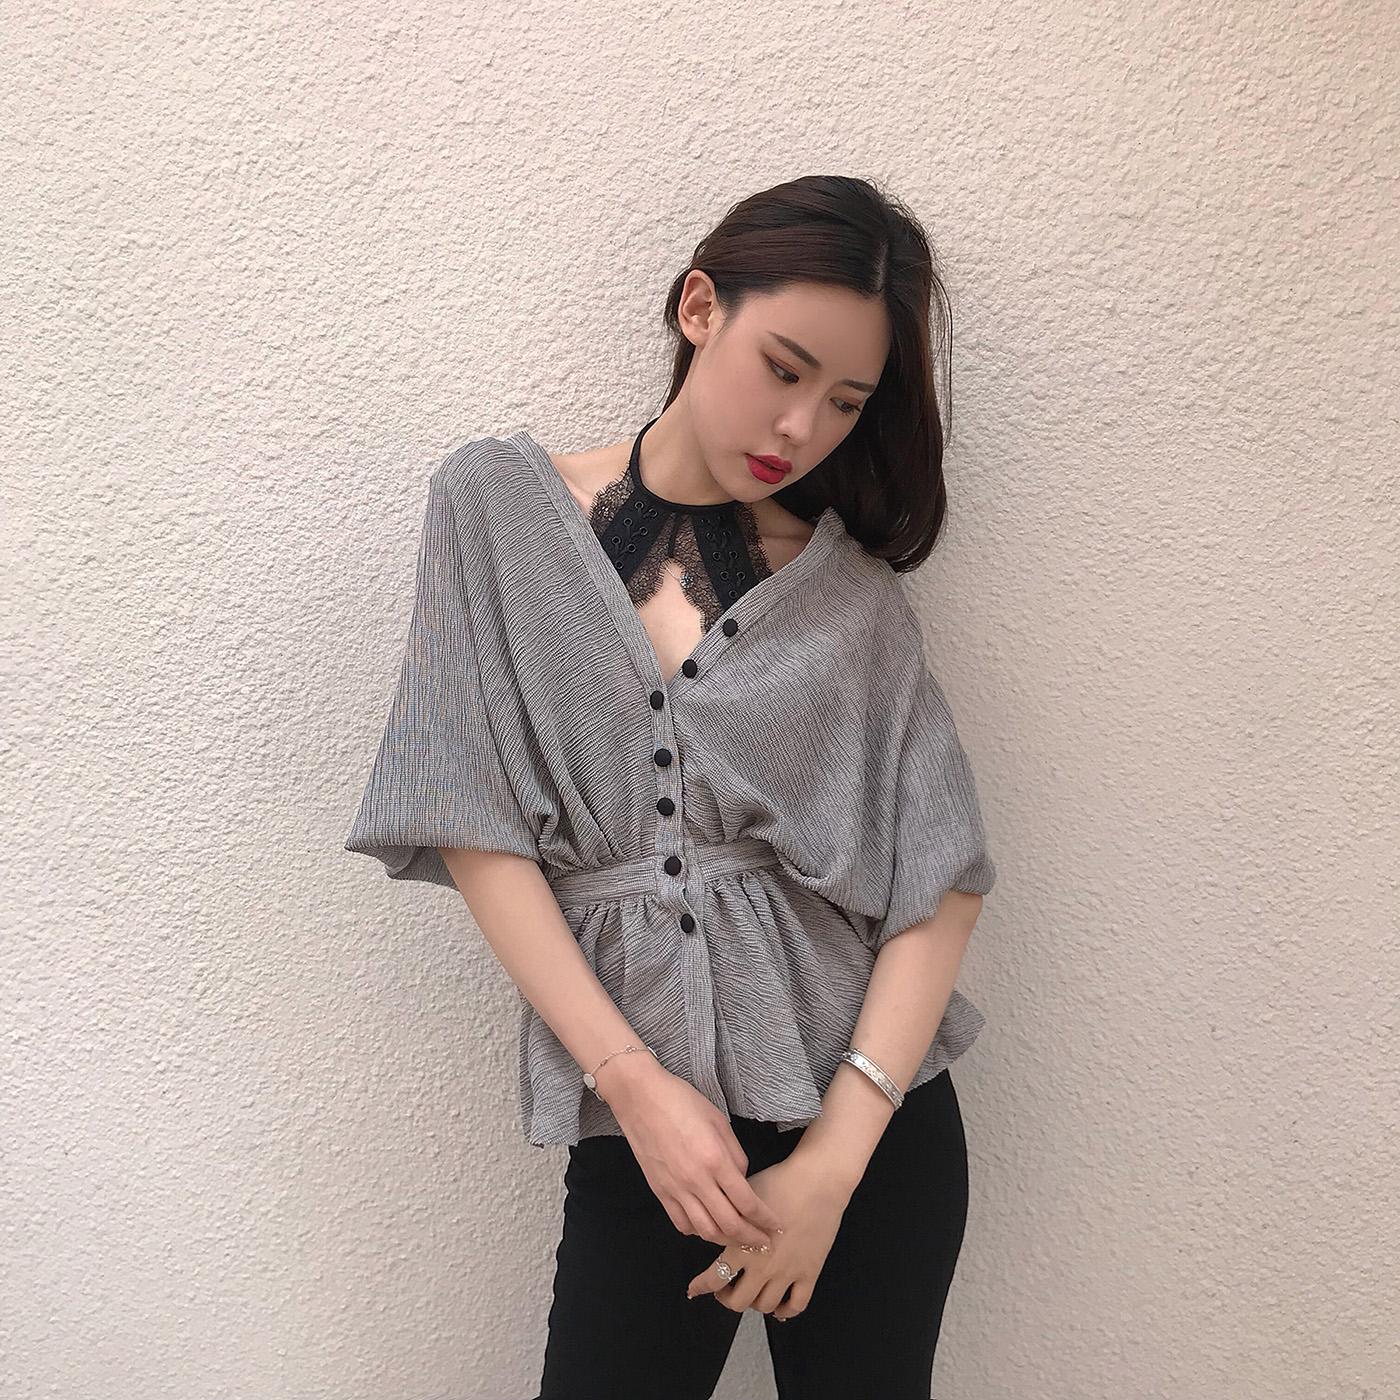 momoshero衬衫女夏季新款宽松显瘦时尚上衣灰色收腰V领蝙蝠袖衬衣